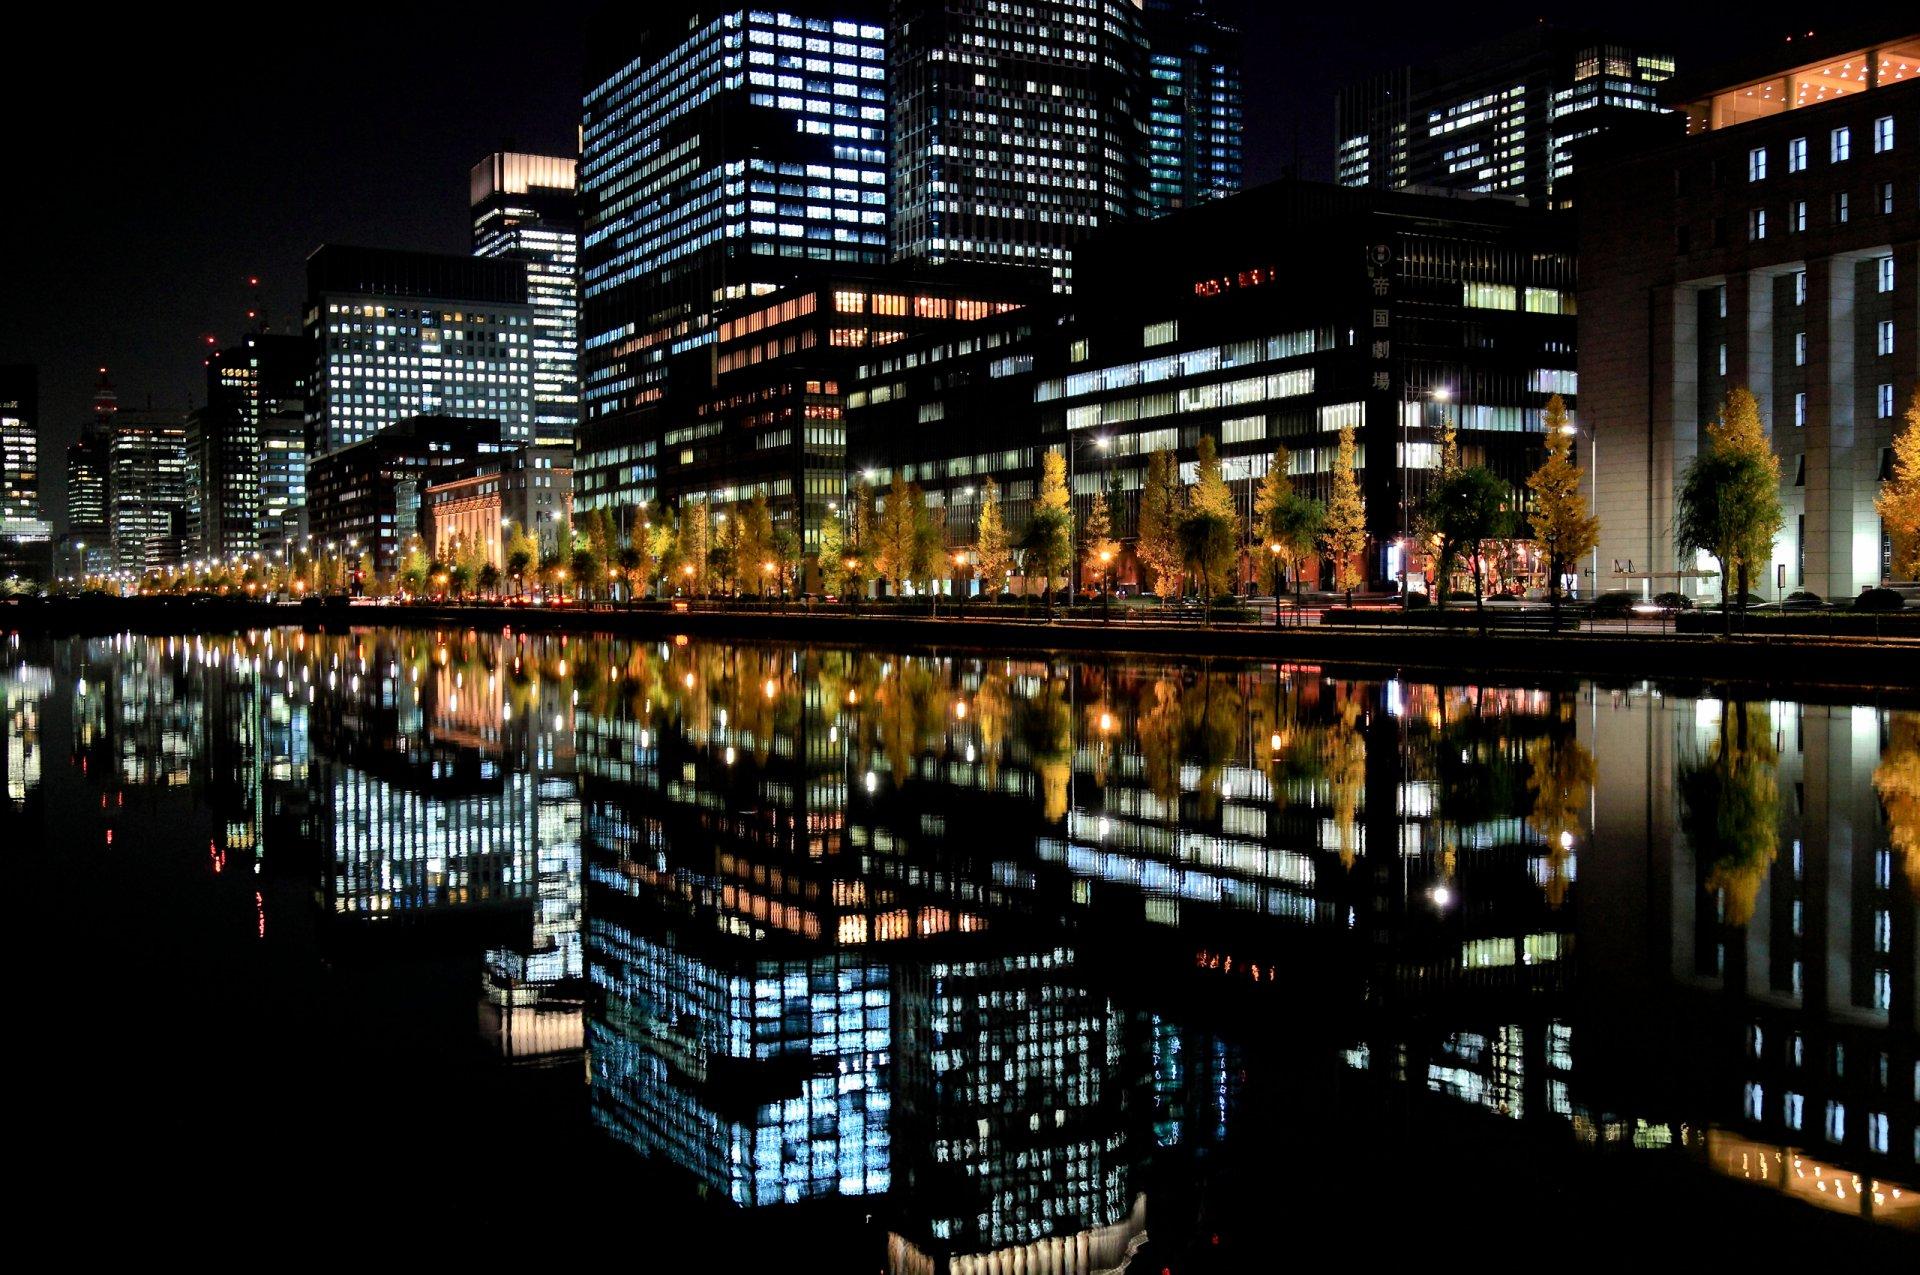 картинки для рабочего город ночью сразу оценили рост